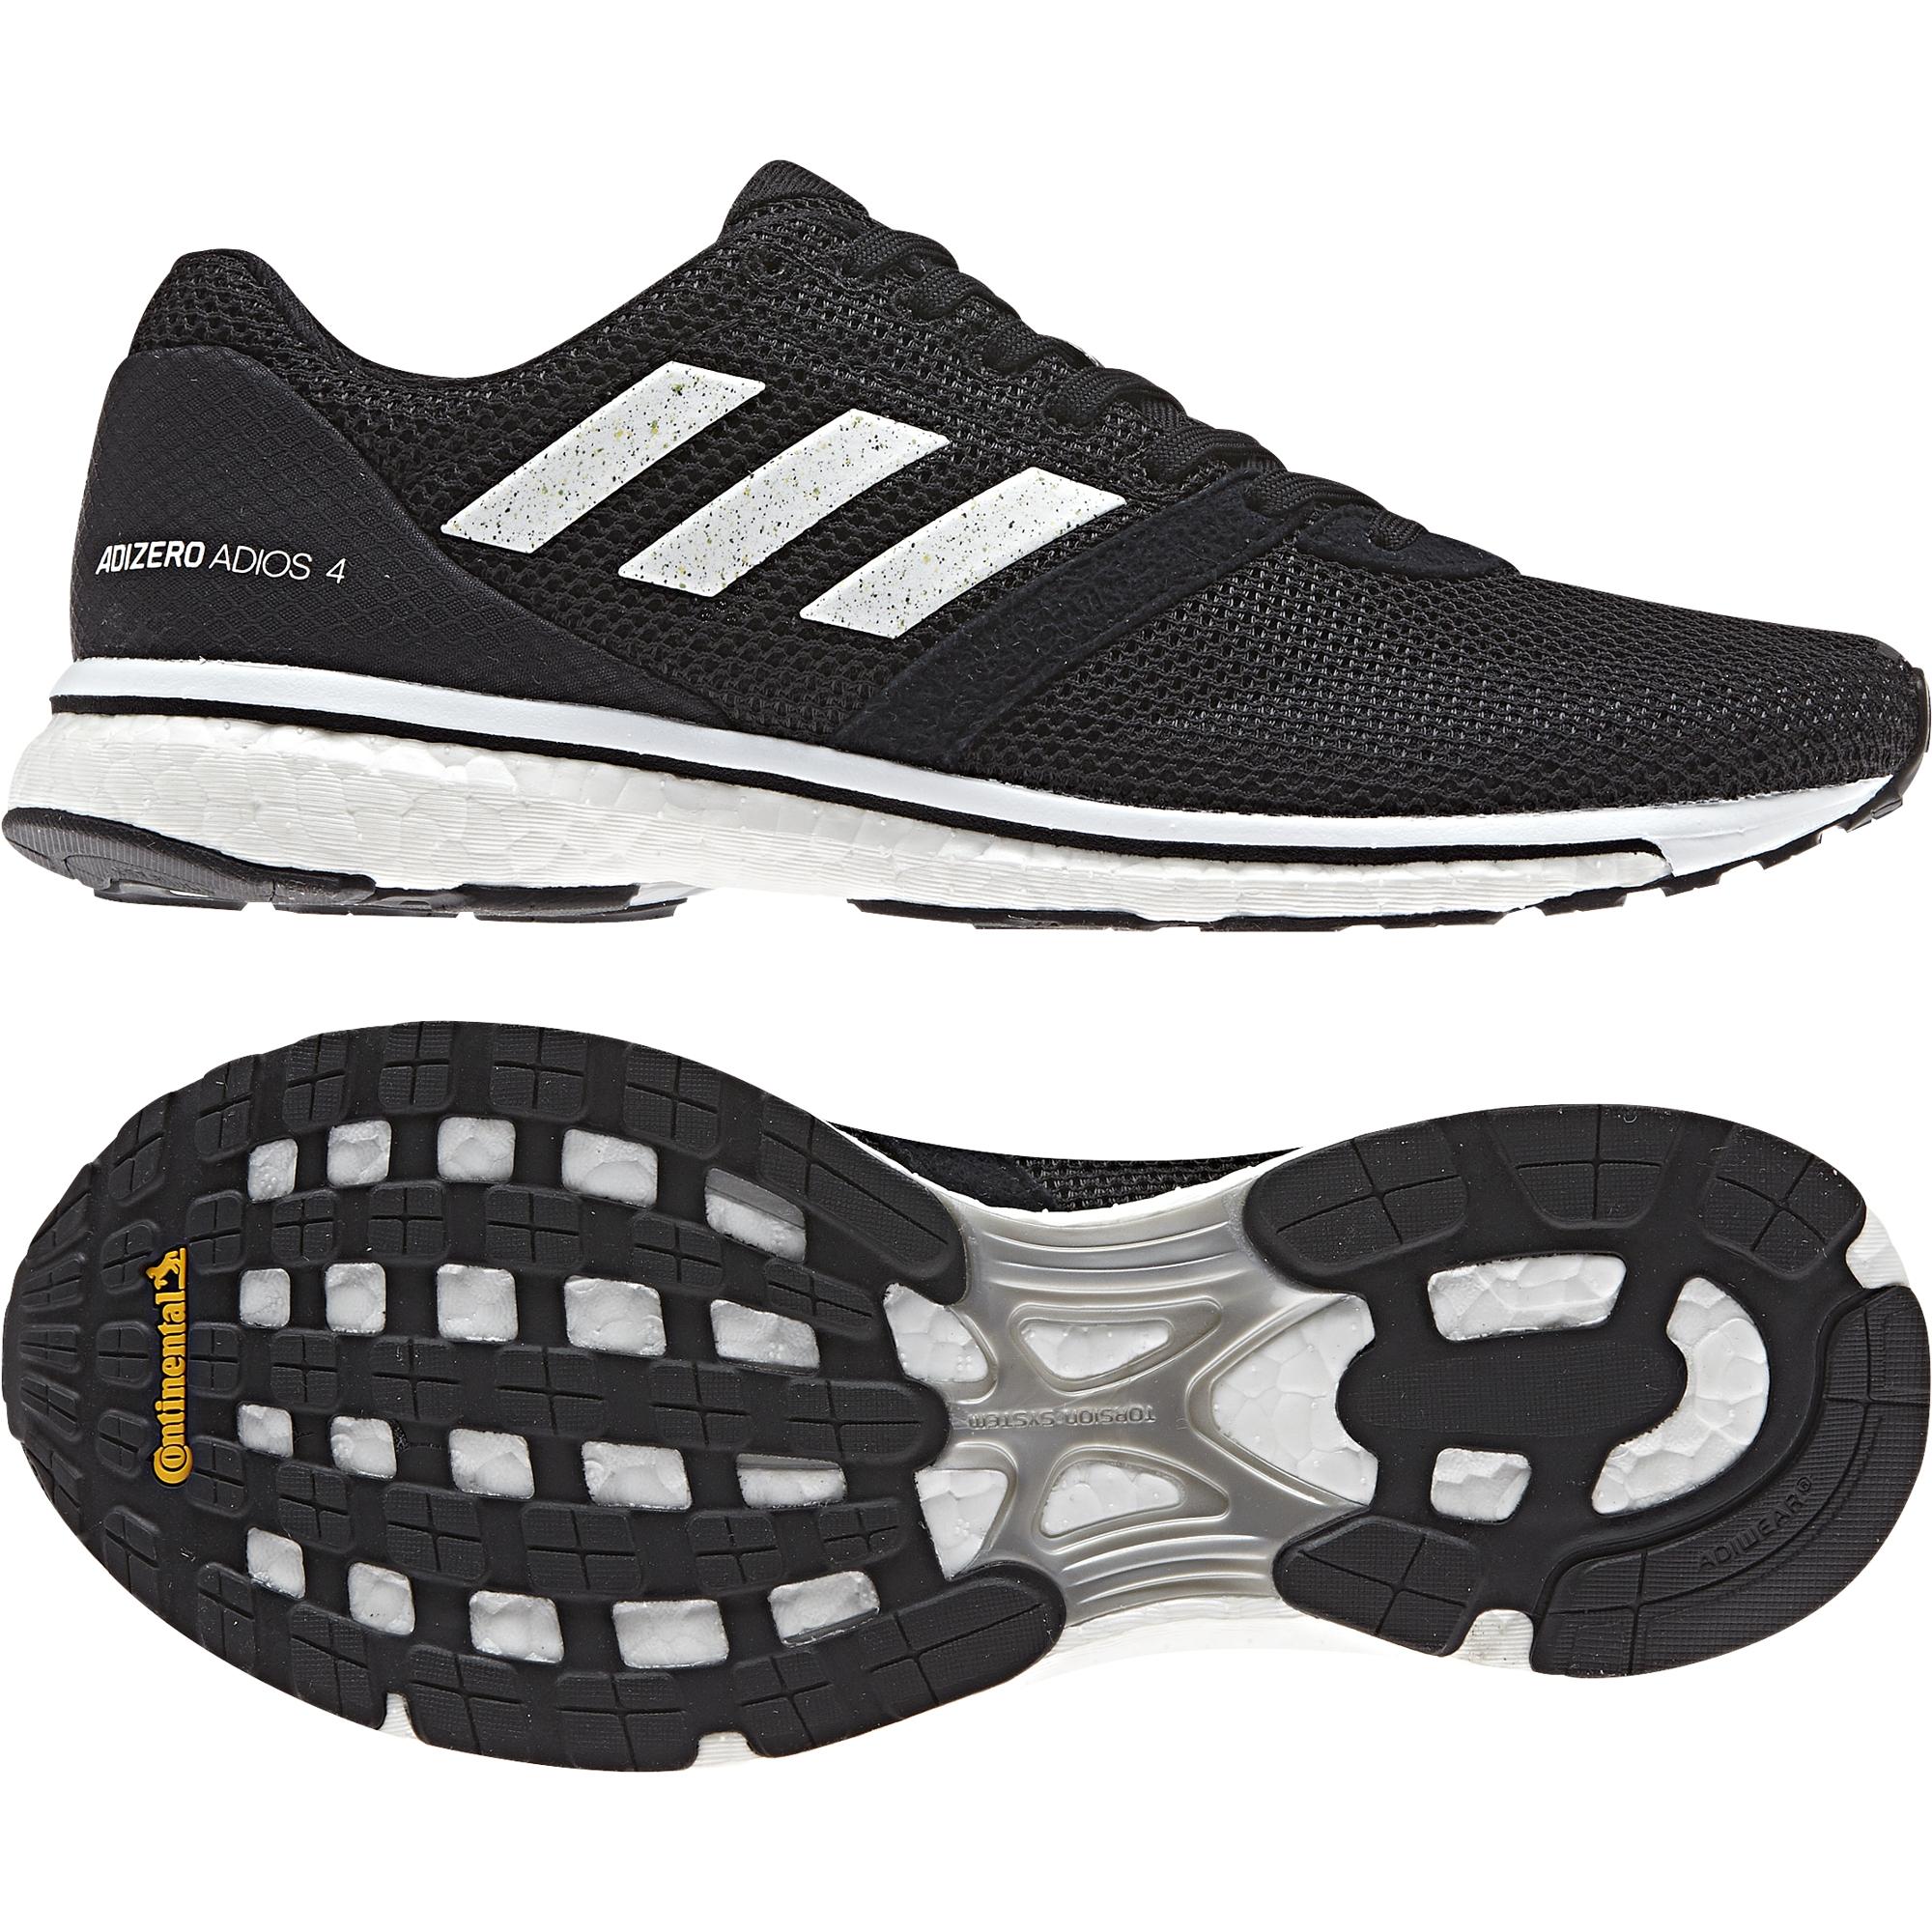 Chaussures femme adidas Adizero Adios 4